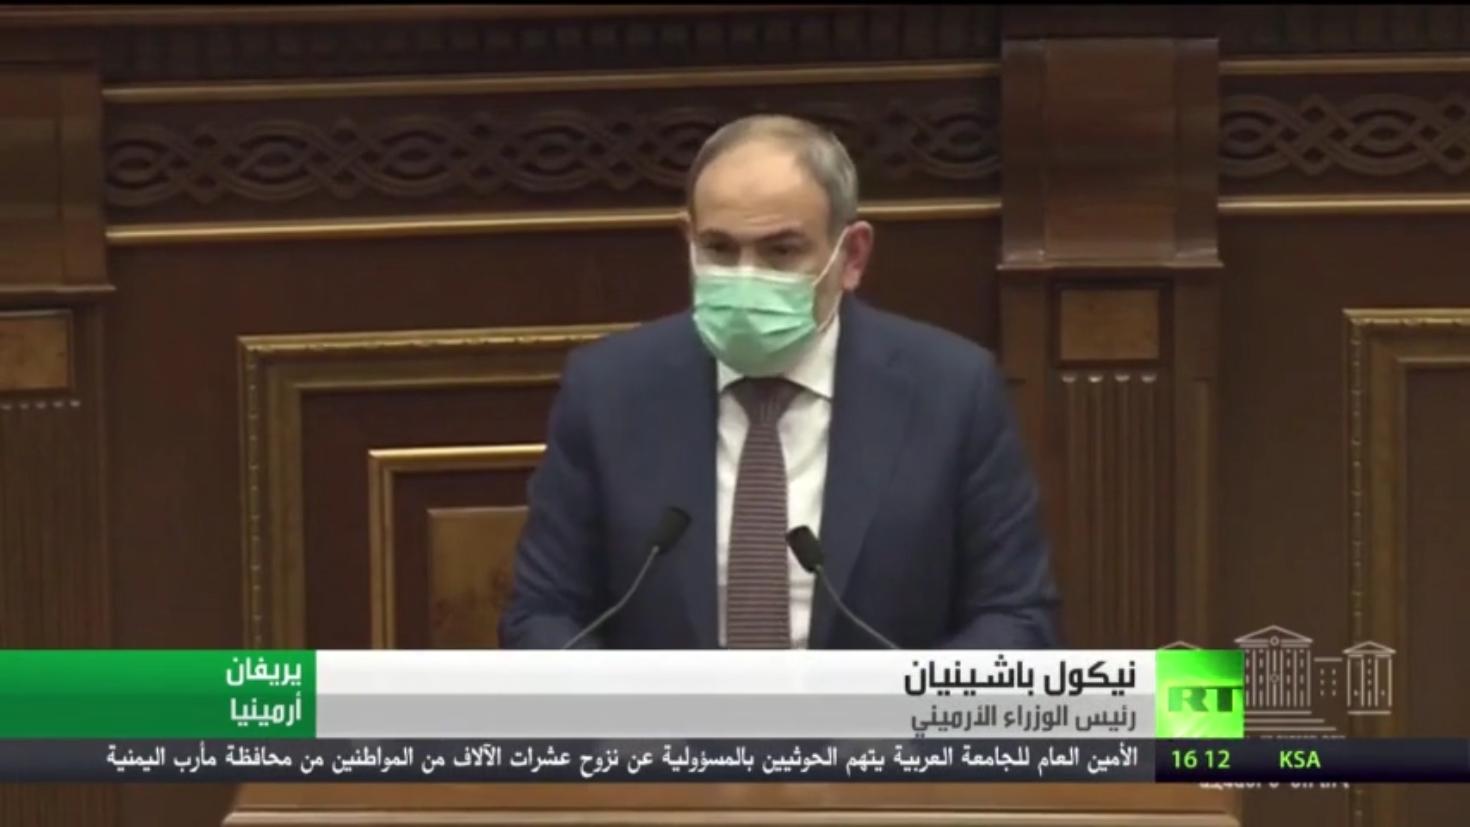 الرئيس الأرميني ورئيس هيئة الأركان العامة يؤكدان أولـوية الأمـن والاستقرار في البلاد